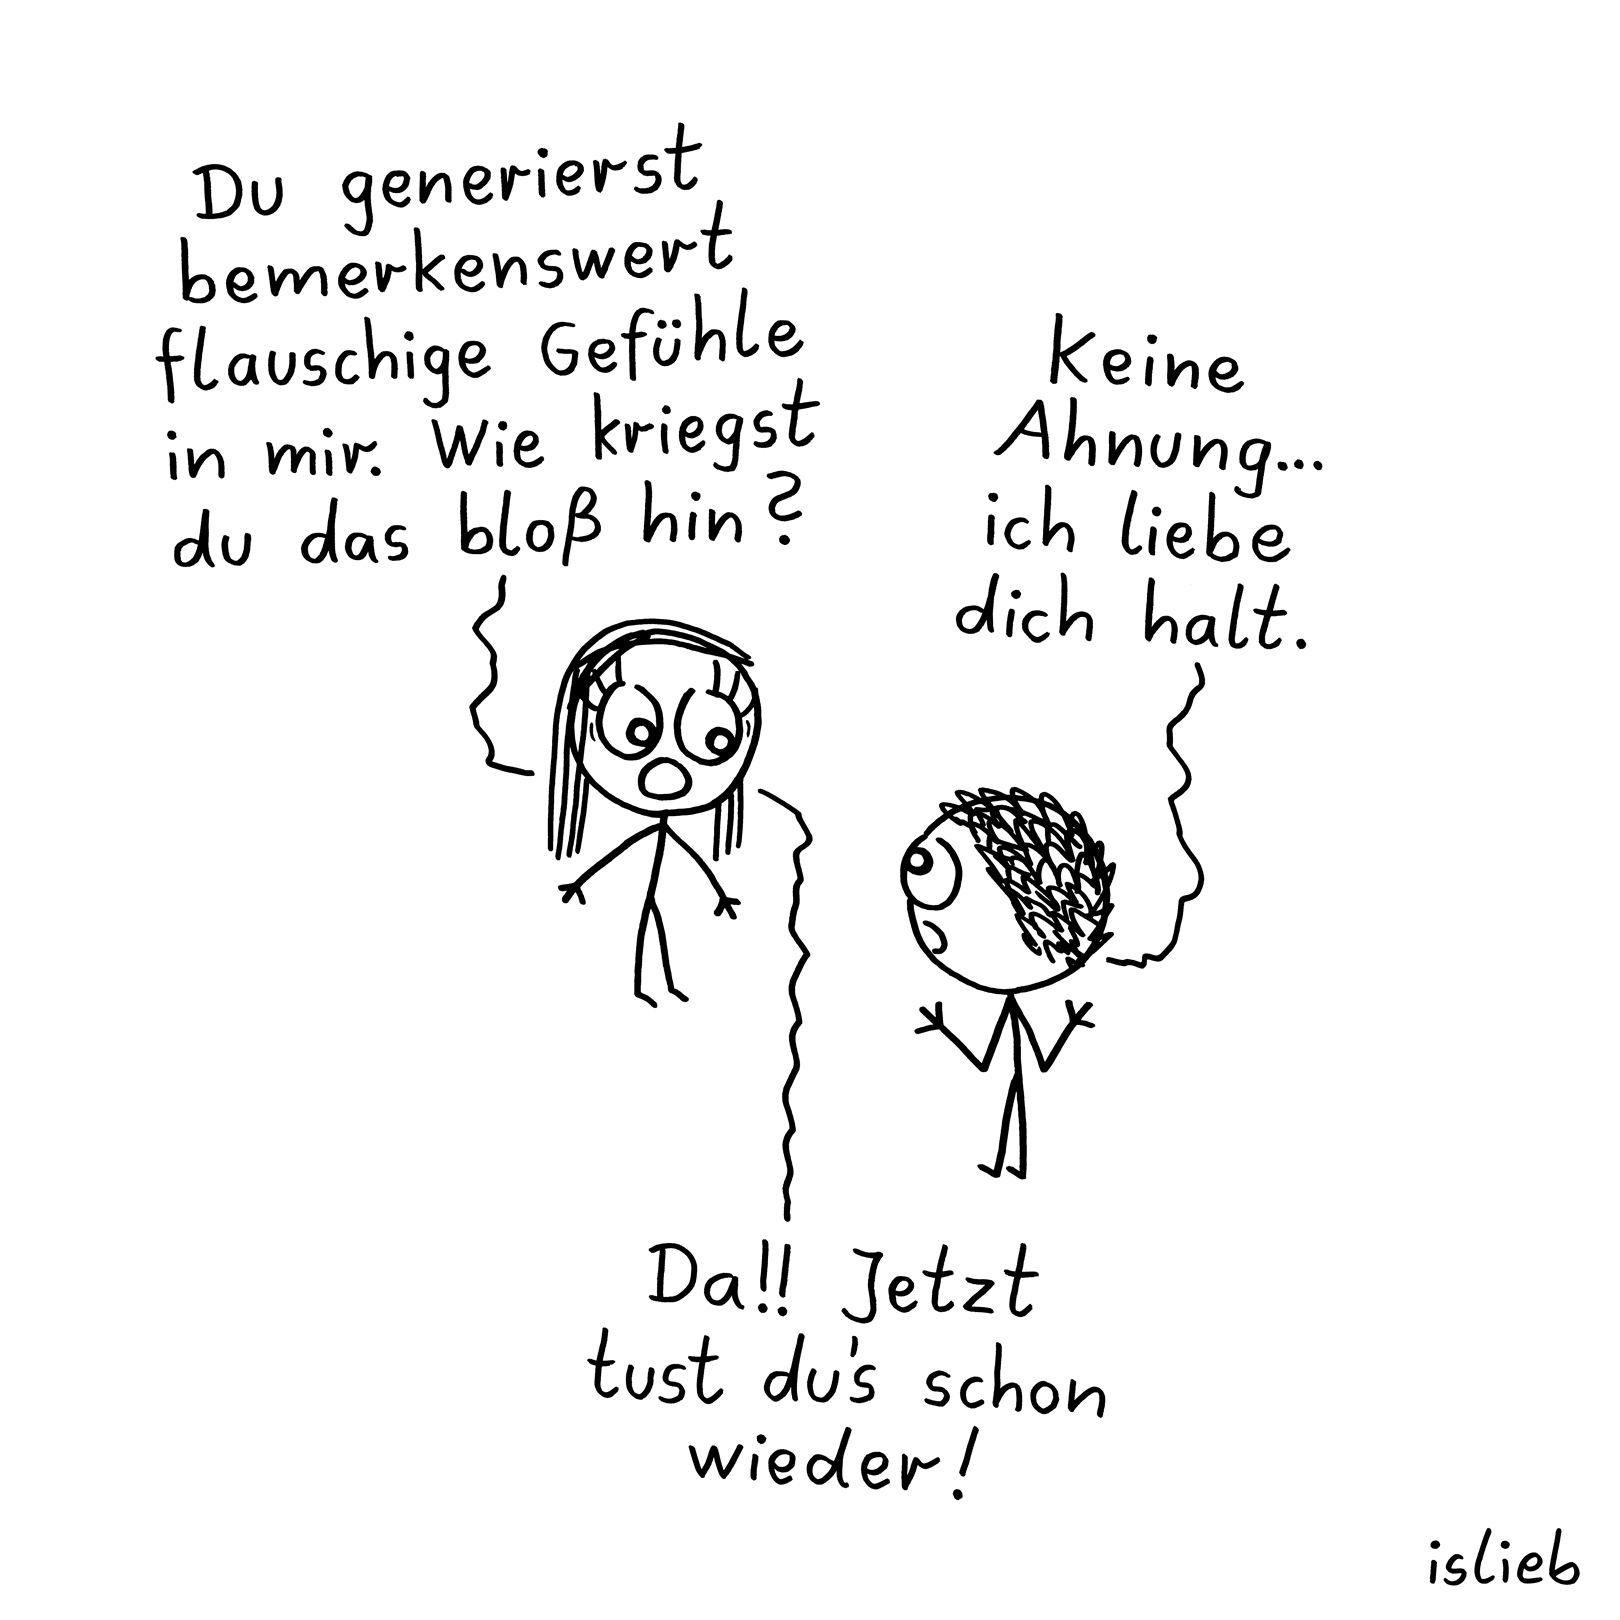 Liebe #verliebt #flauschig #gefühle #comics #islieb mit Verliebtes Paar Comic